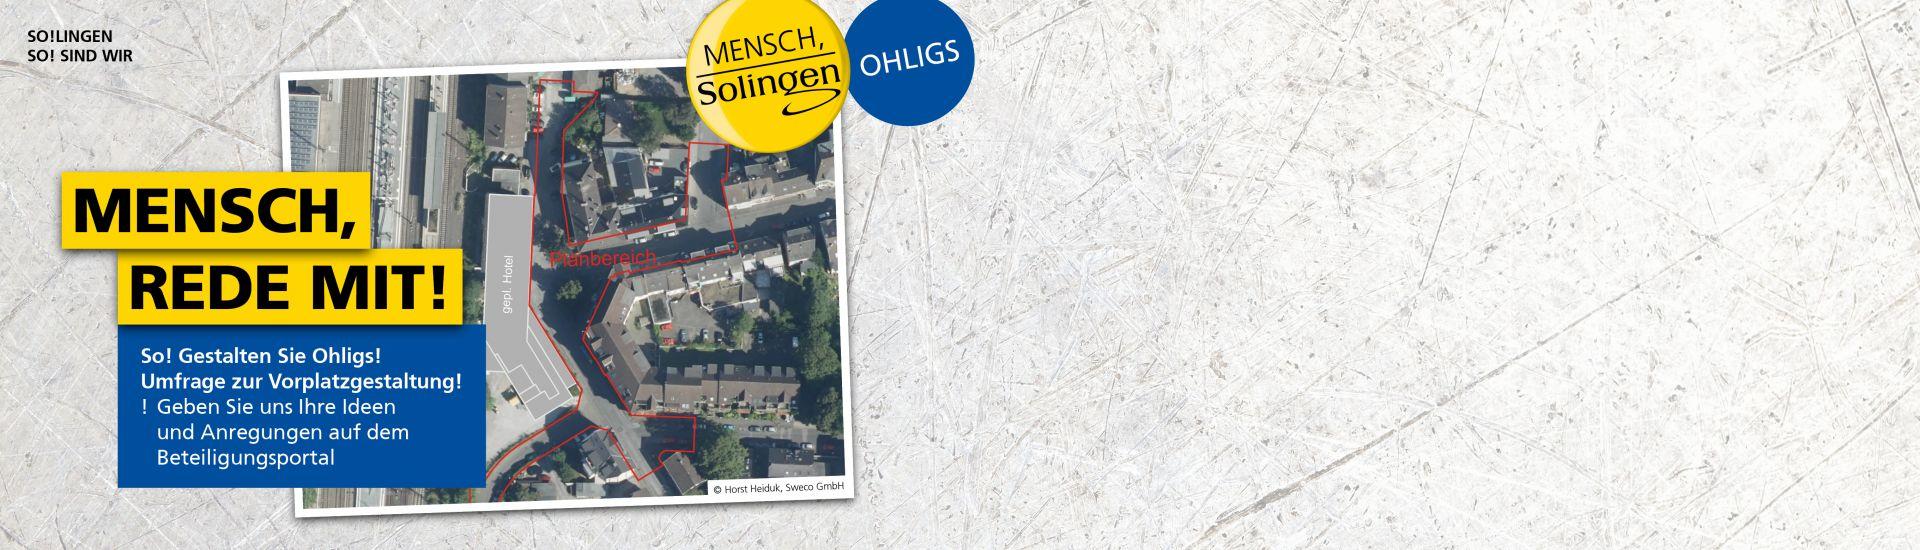 Bahnhofsvorplatz Solingen Ohligs Ost